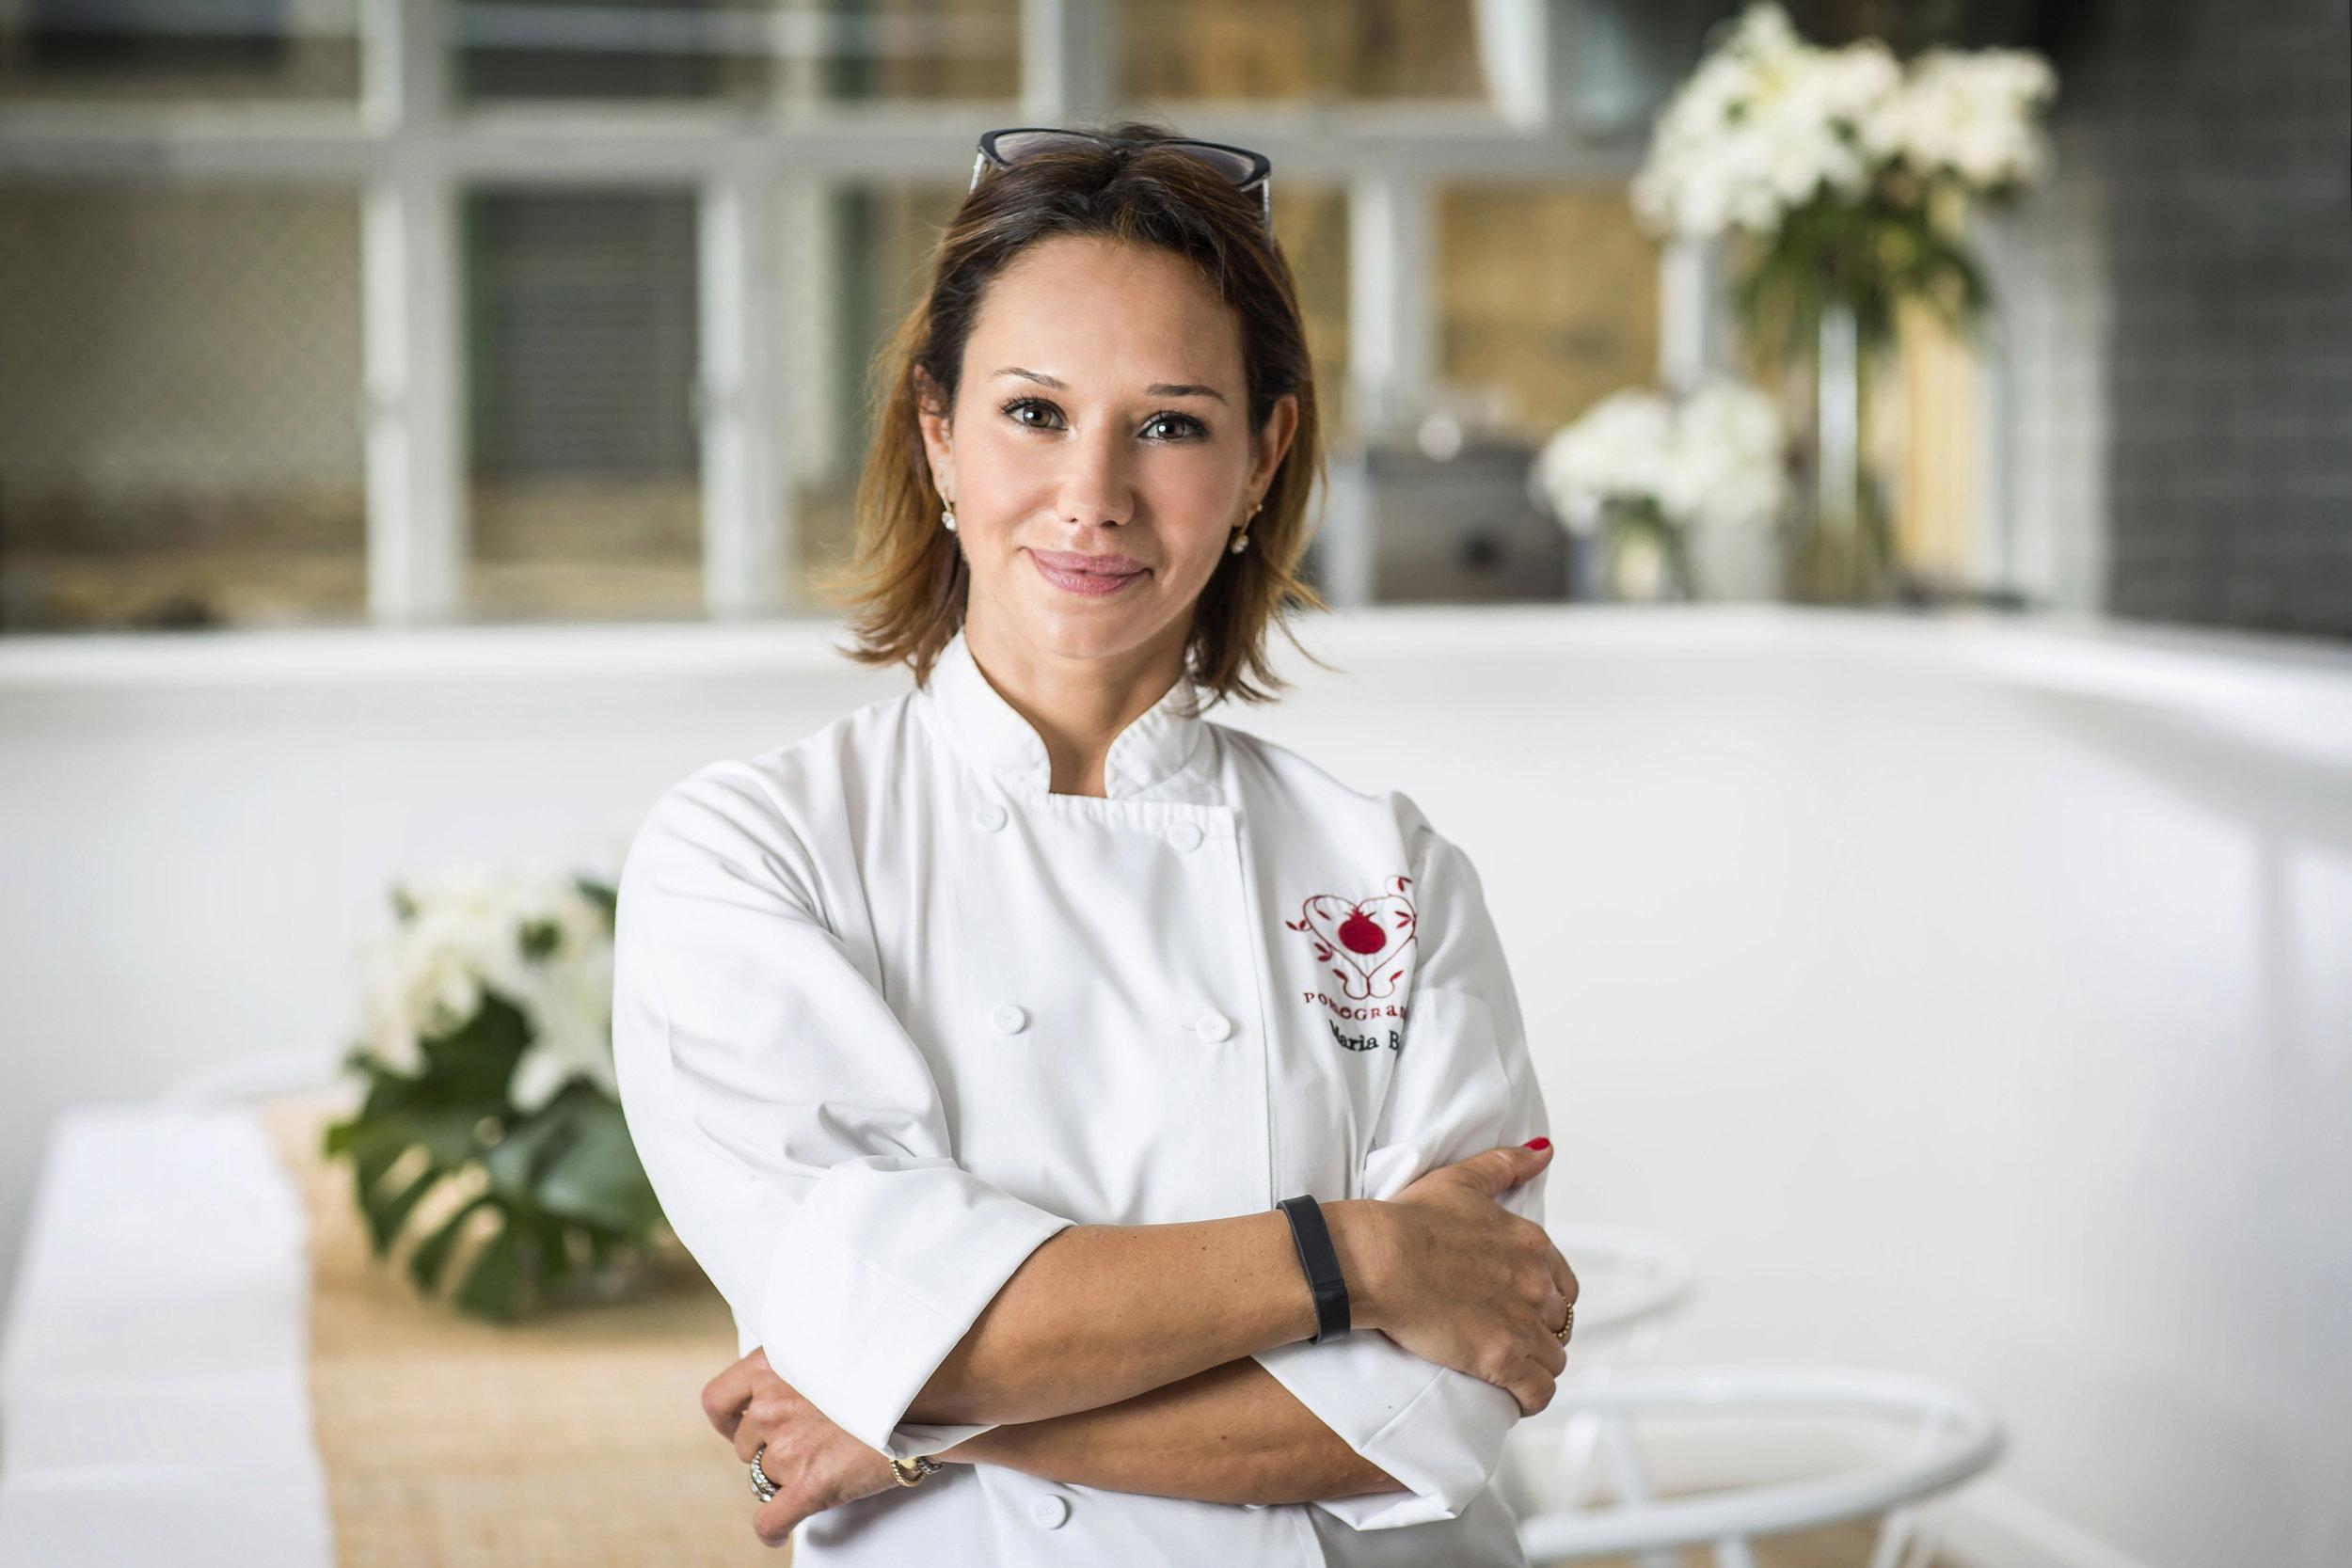 Maria-in-Chef-Whites-Nov-2015-copy.jpg